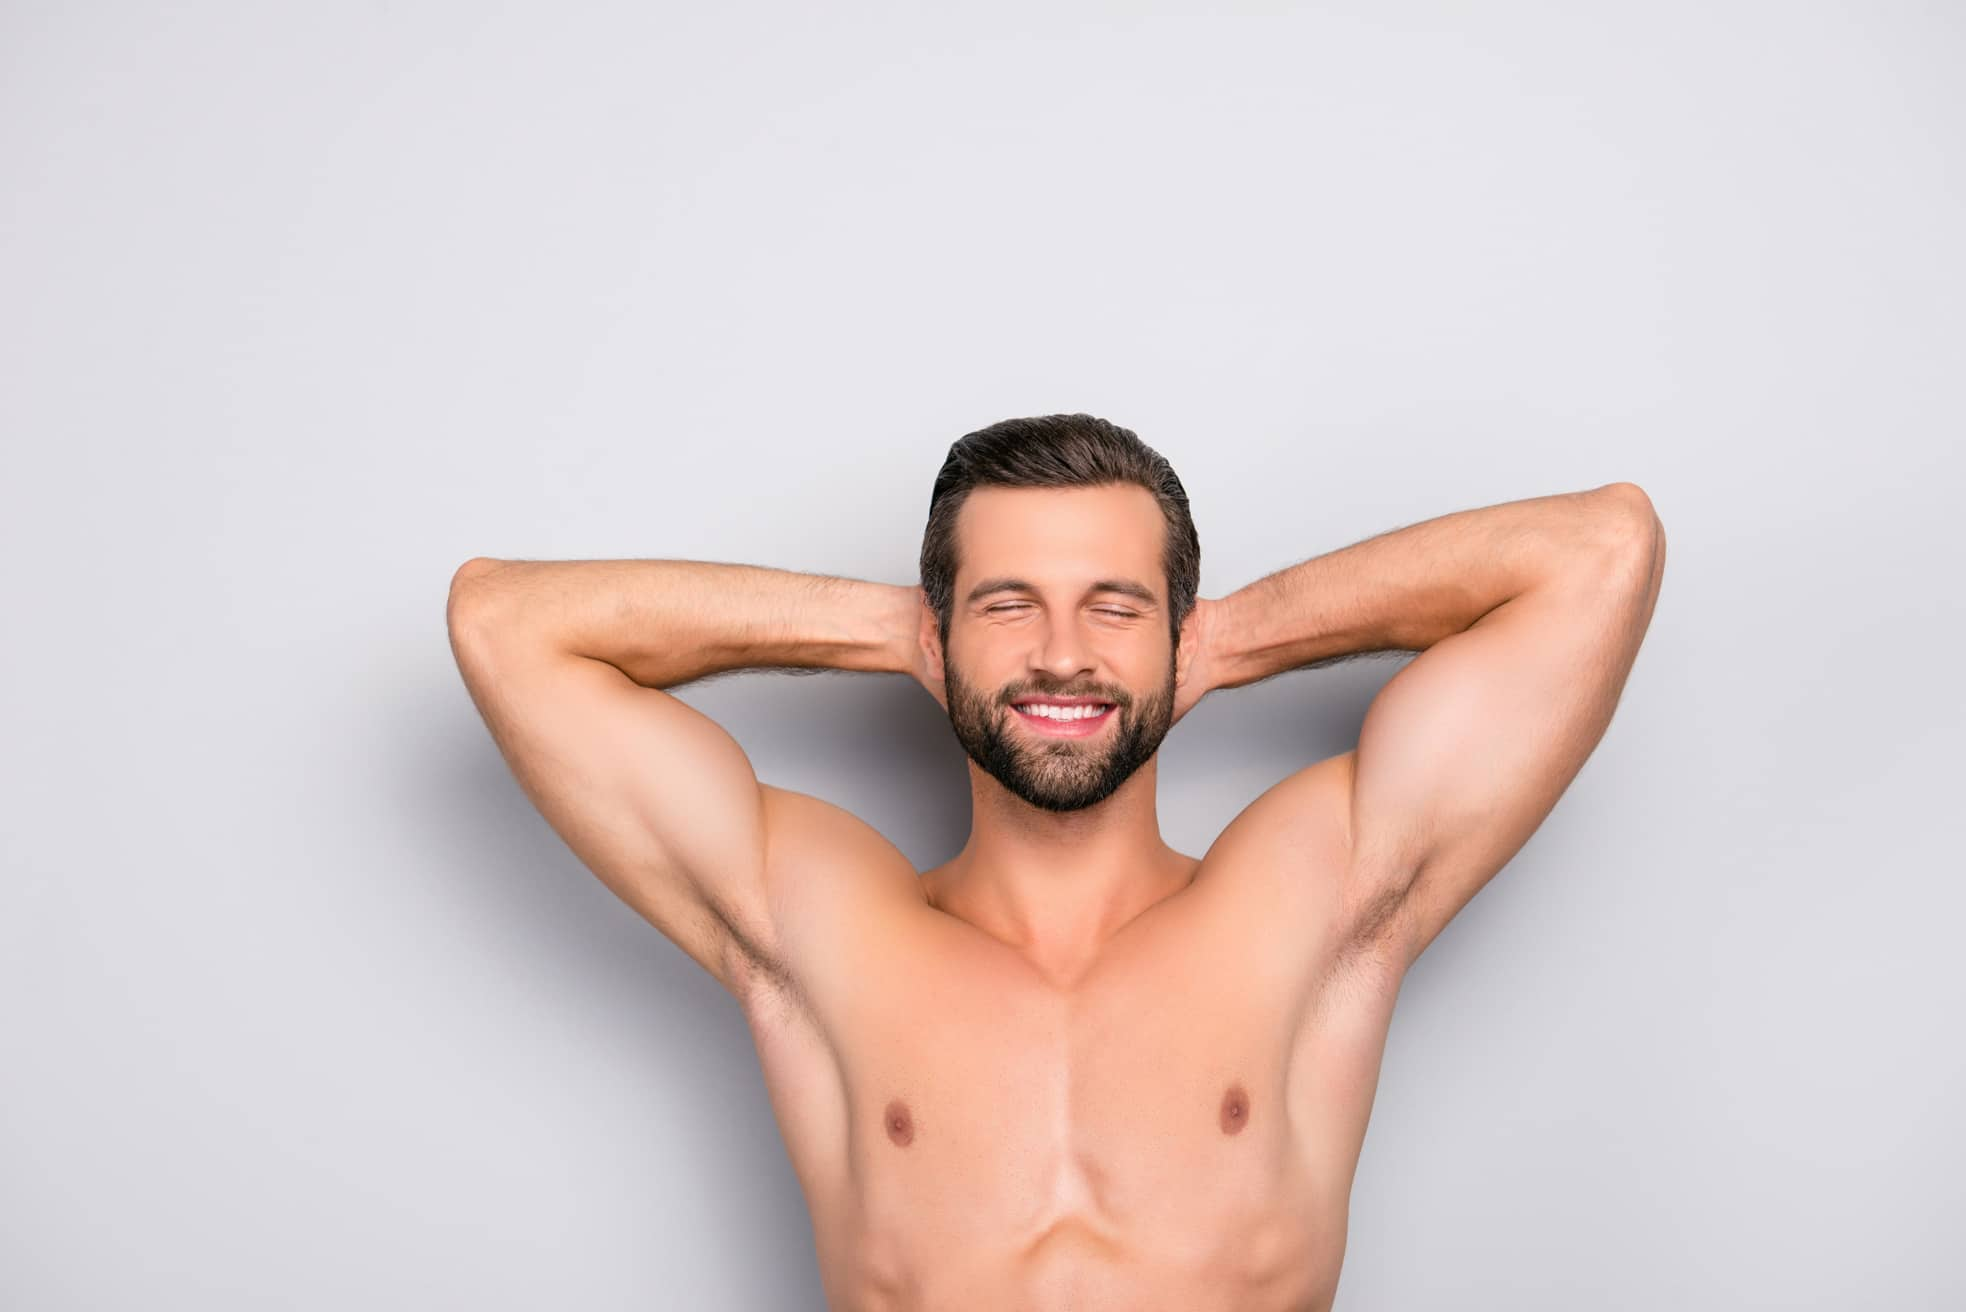 Epilation homme - Epaules ou aisselles